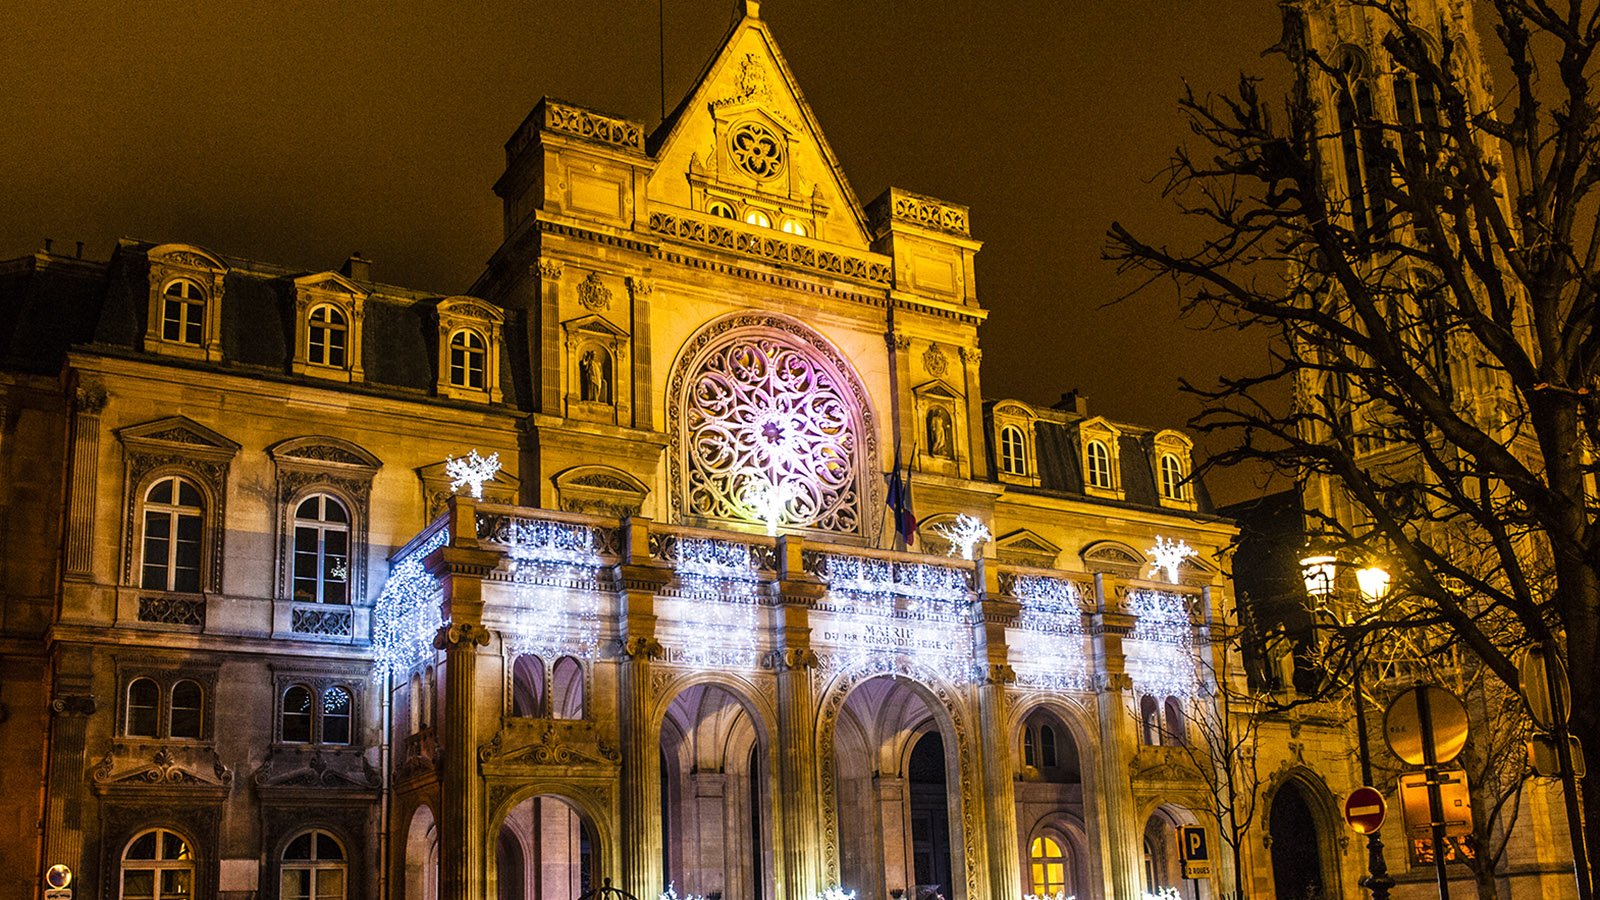 ville lumière: Die spätgotische Pfarrkirche Saint-Germain-l'Auxerrois bei Nacht. Foto: Hilke Maunder